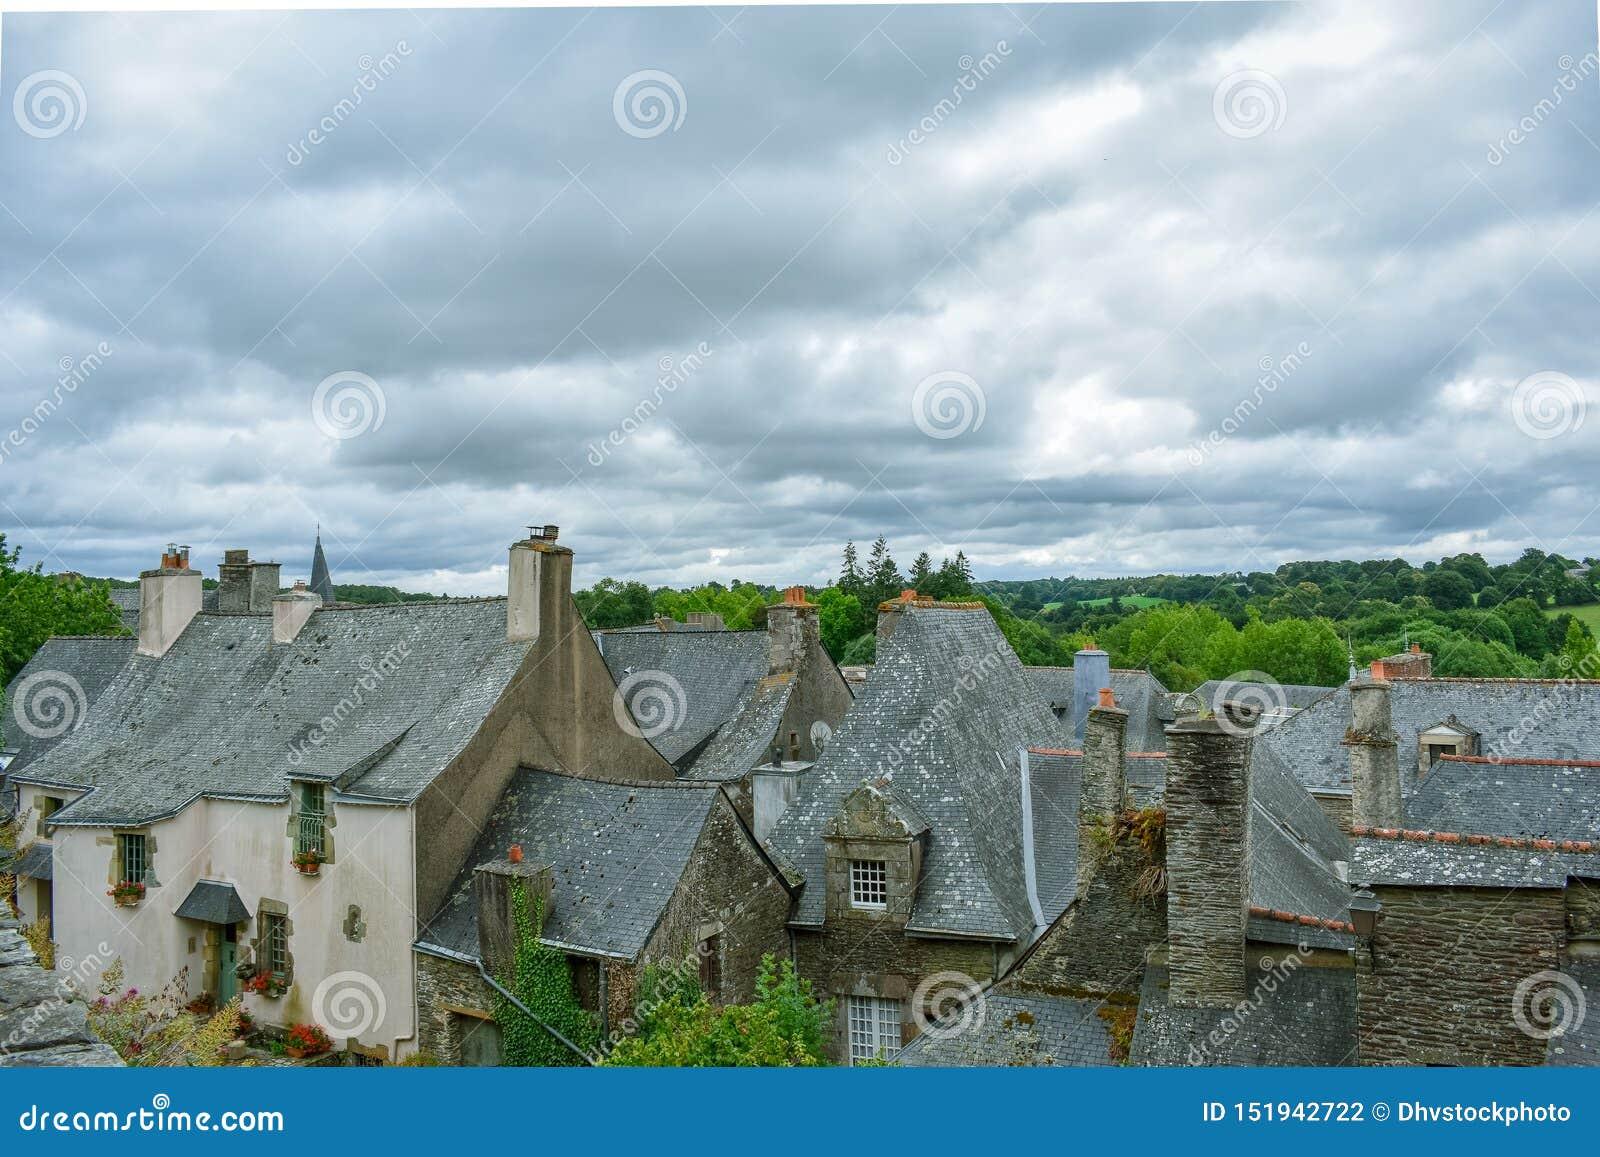 Tak av de gamla husen i Rochefort-en-Terre, franska Brittany